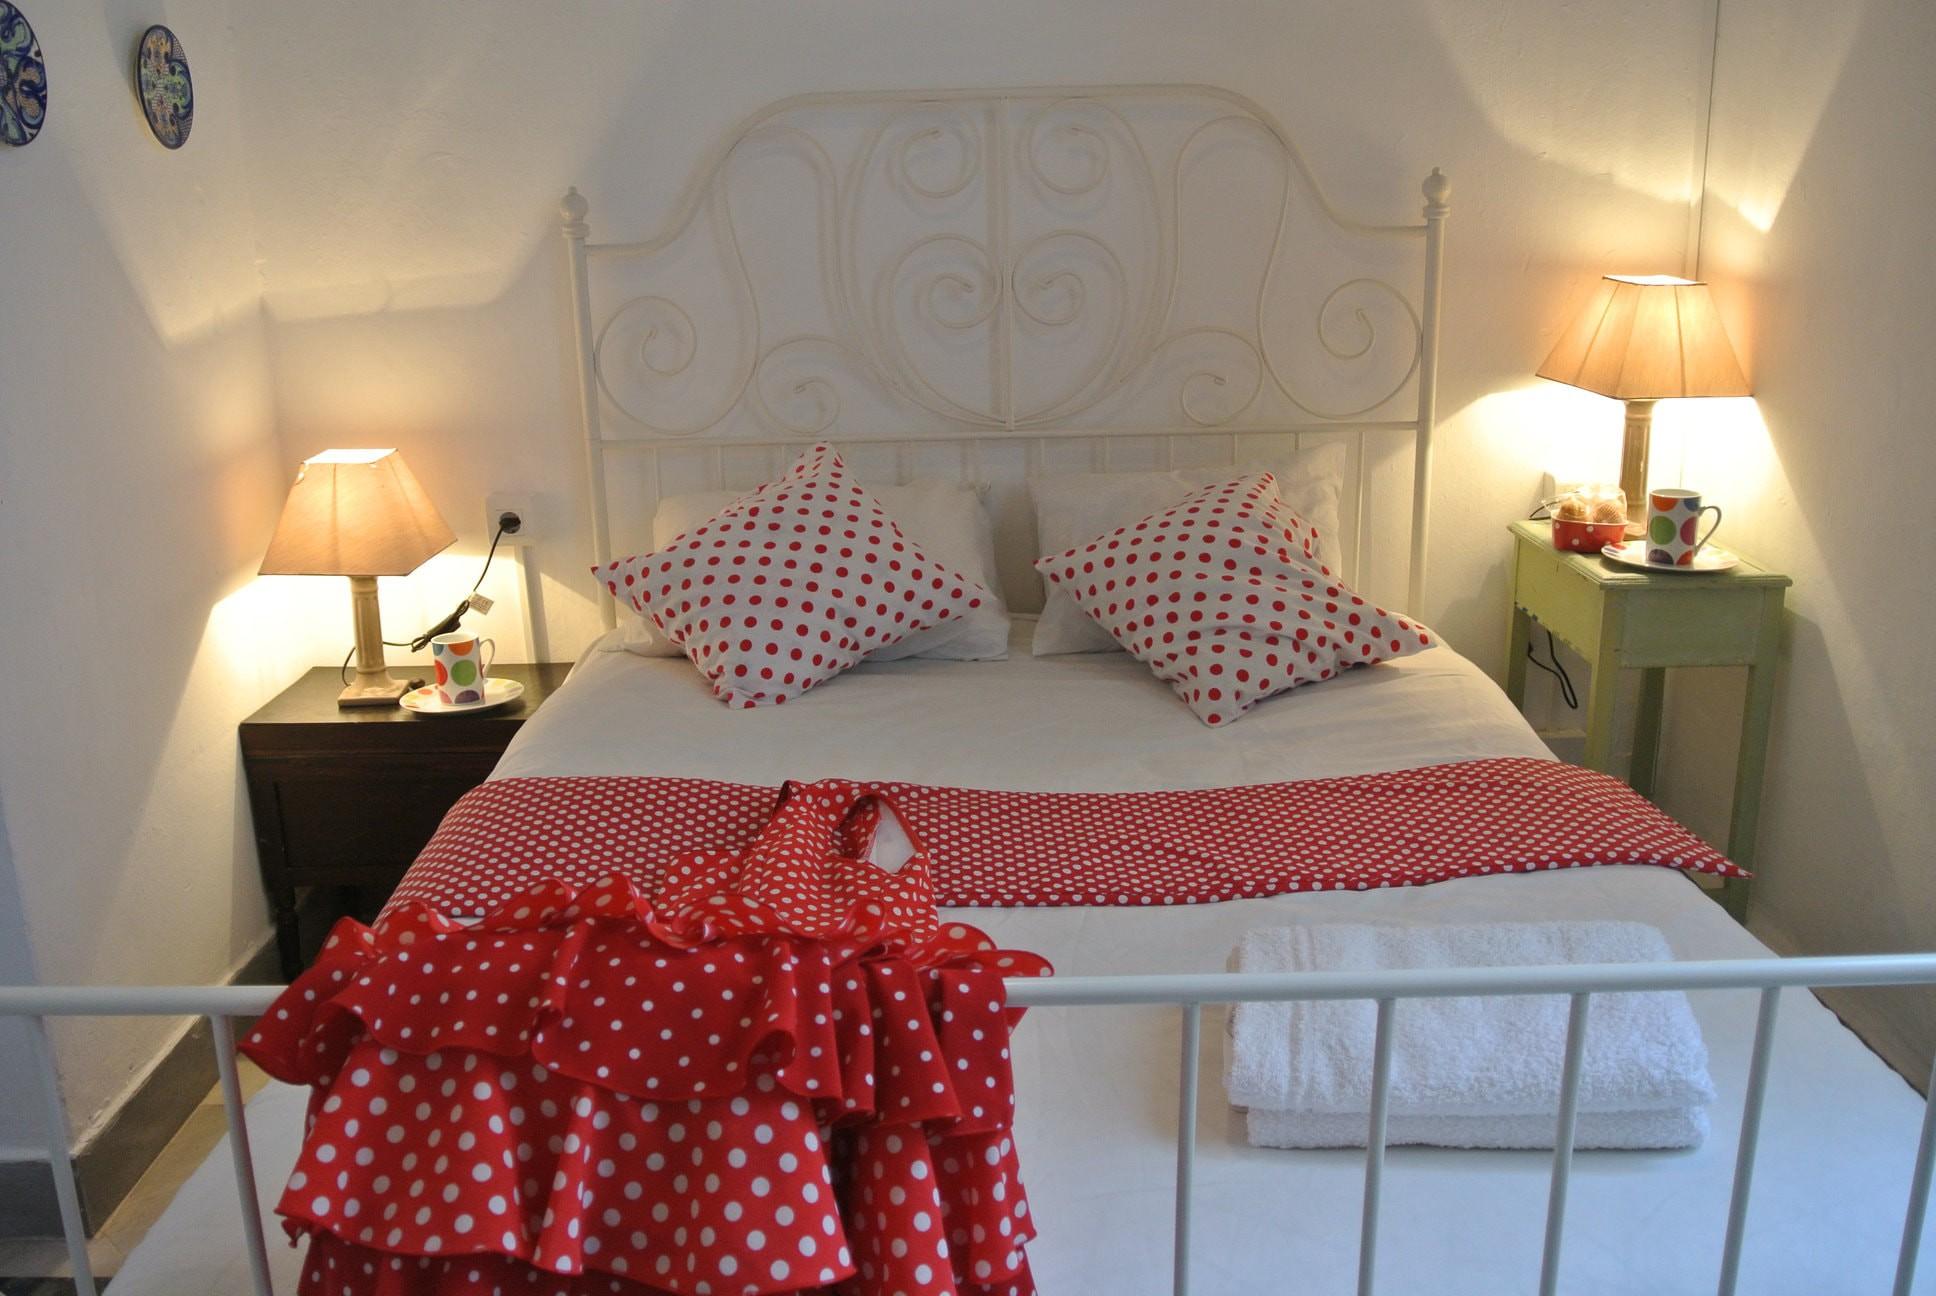 A bedroom at Patio 19; courtesy Patio 19